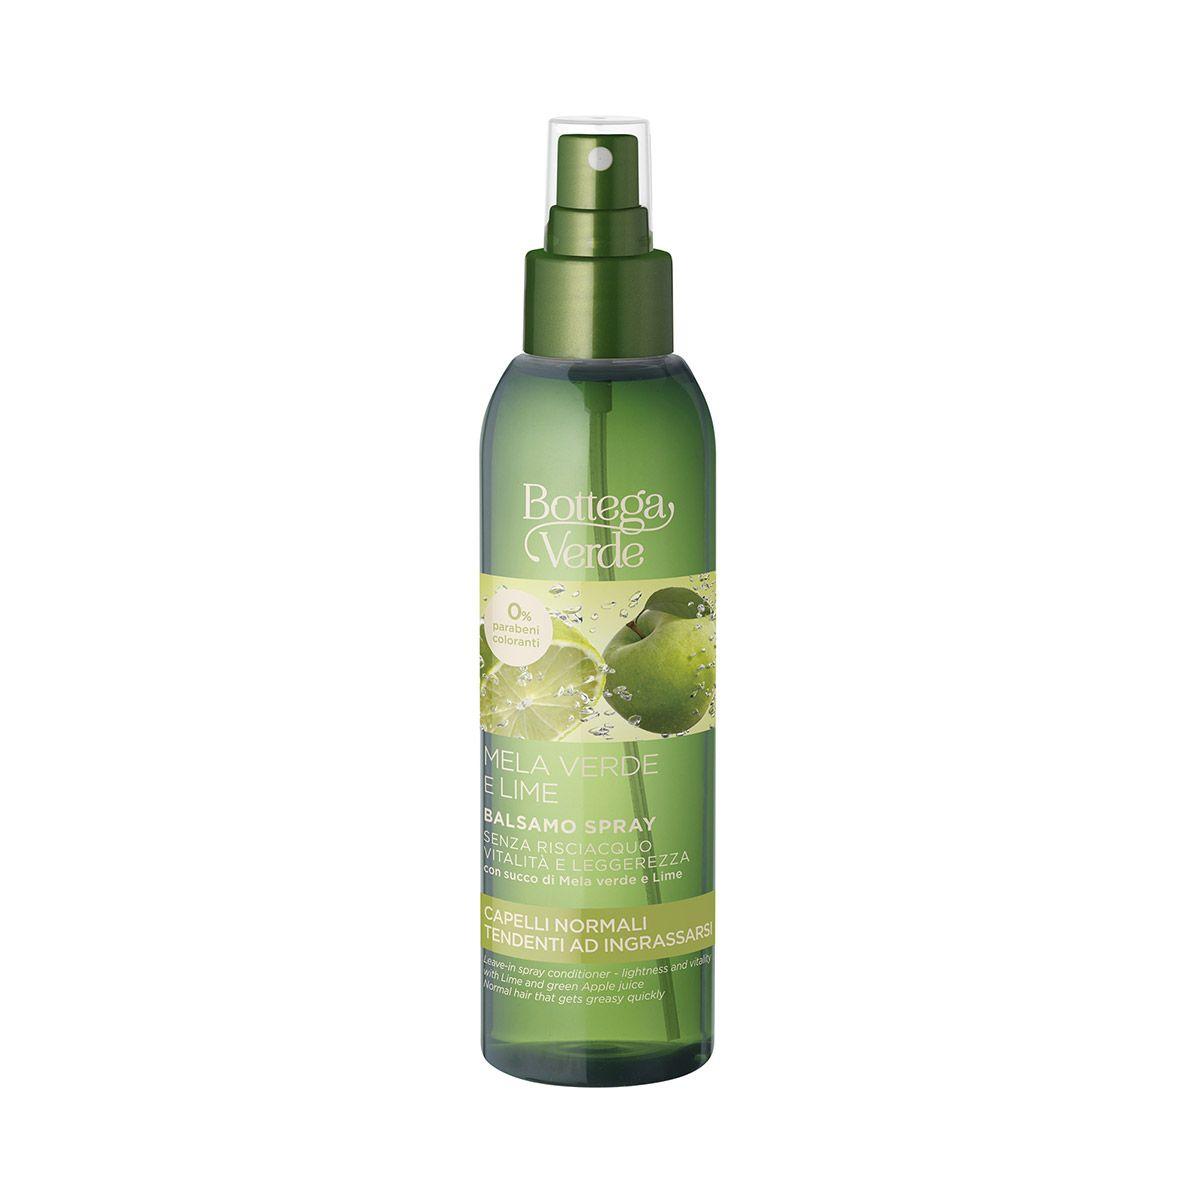 Mela Verde E Lime Balsamo Spray Senza Risciacquo Nel 2021 Balsamo Spray Shampoo